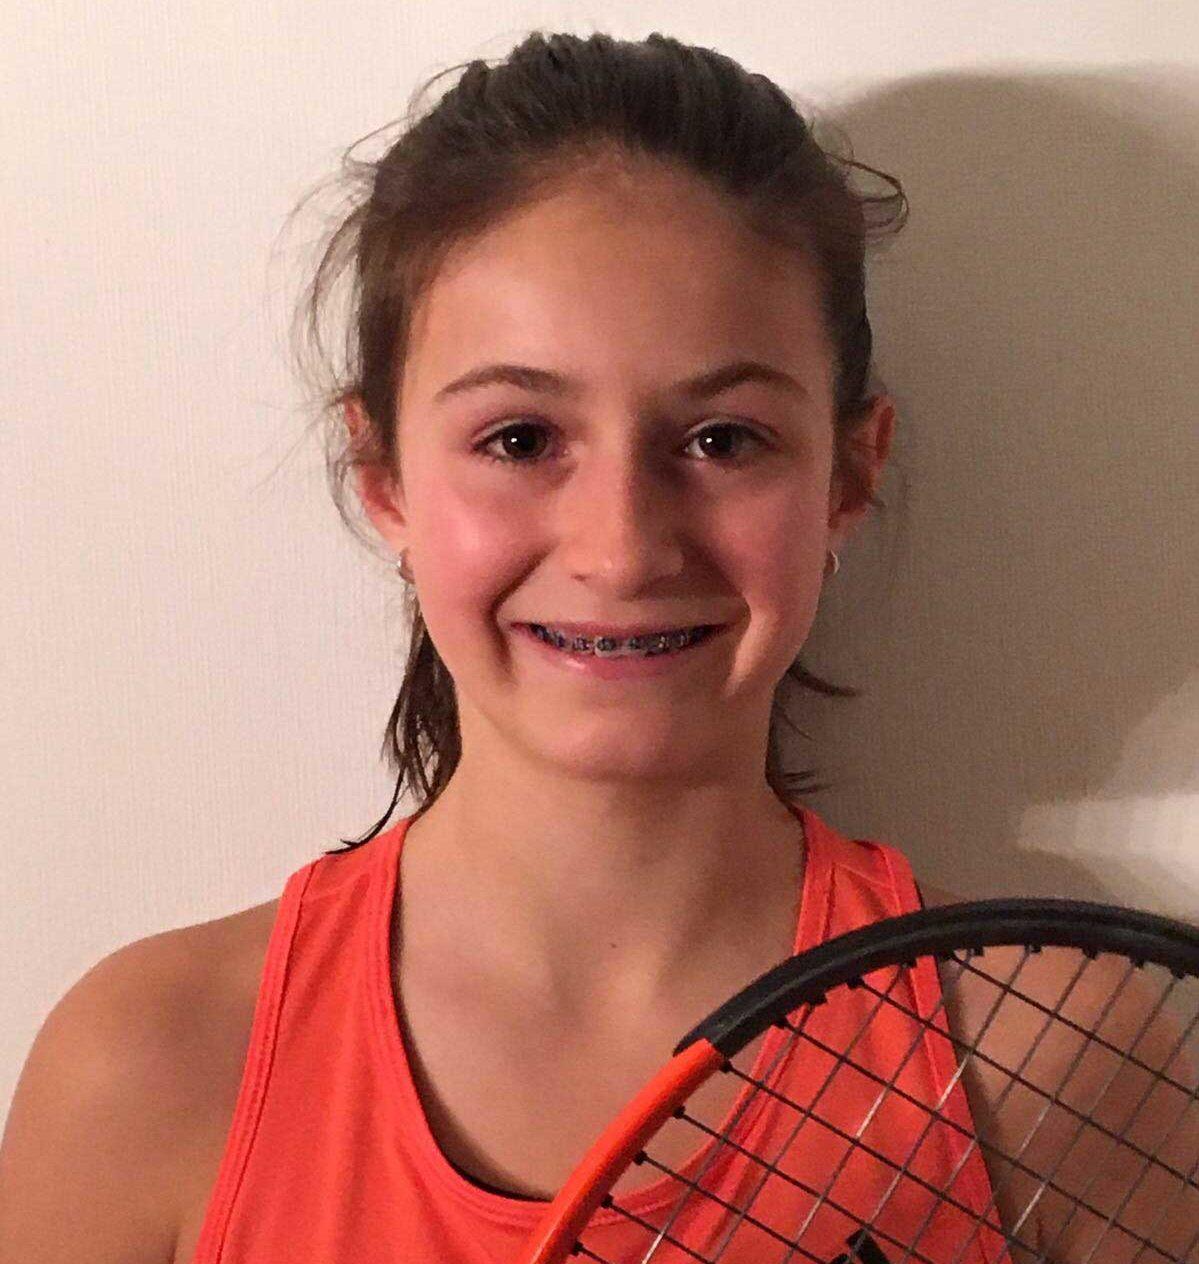 Ladina Bruhin für die Hallen SM 2018 qualifiziert